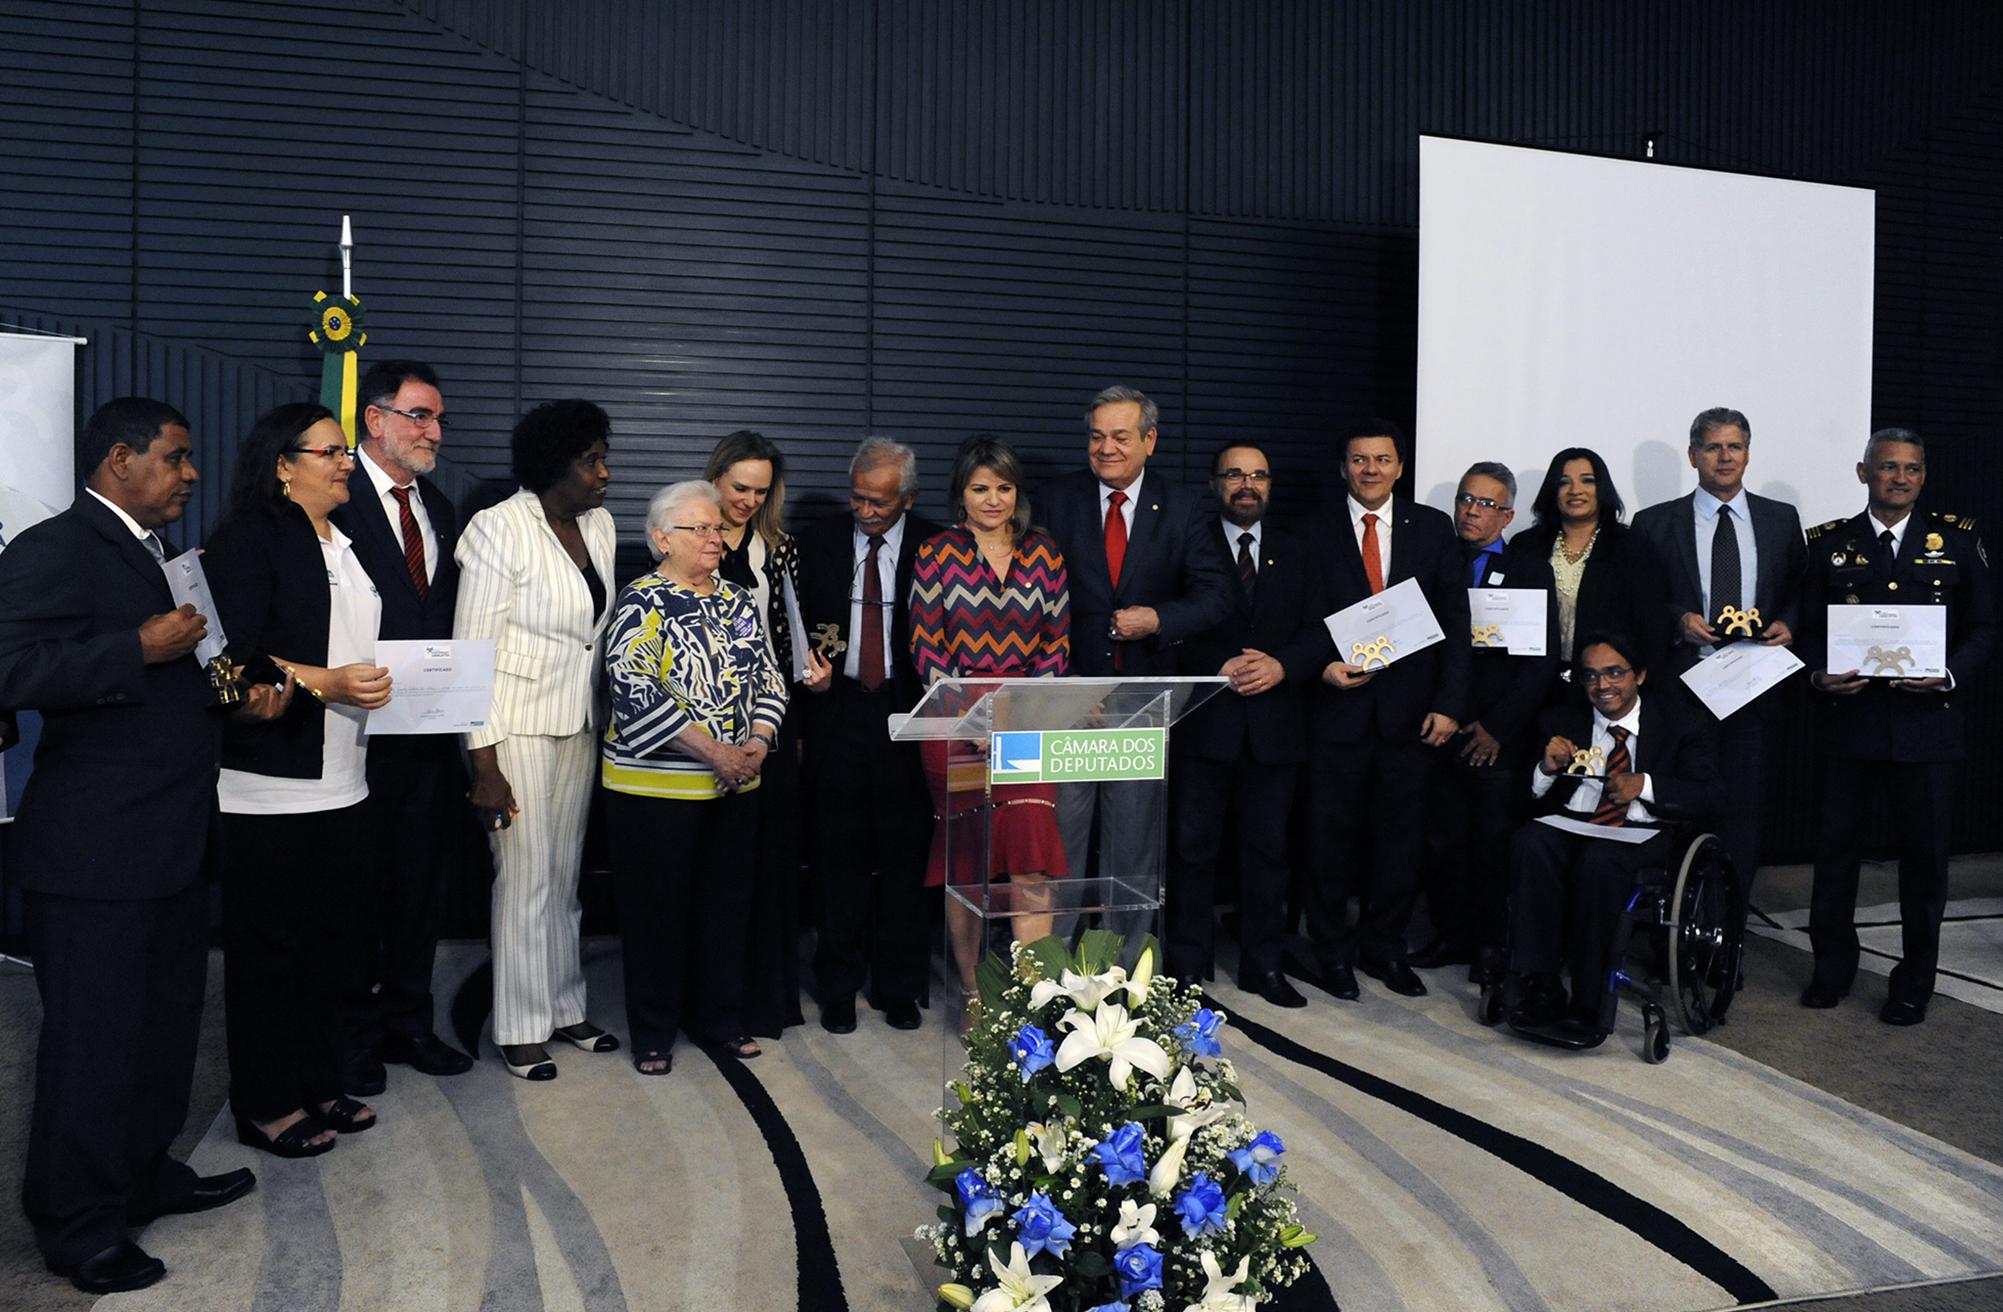 Cerimônia de entrega do Prêmio